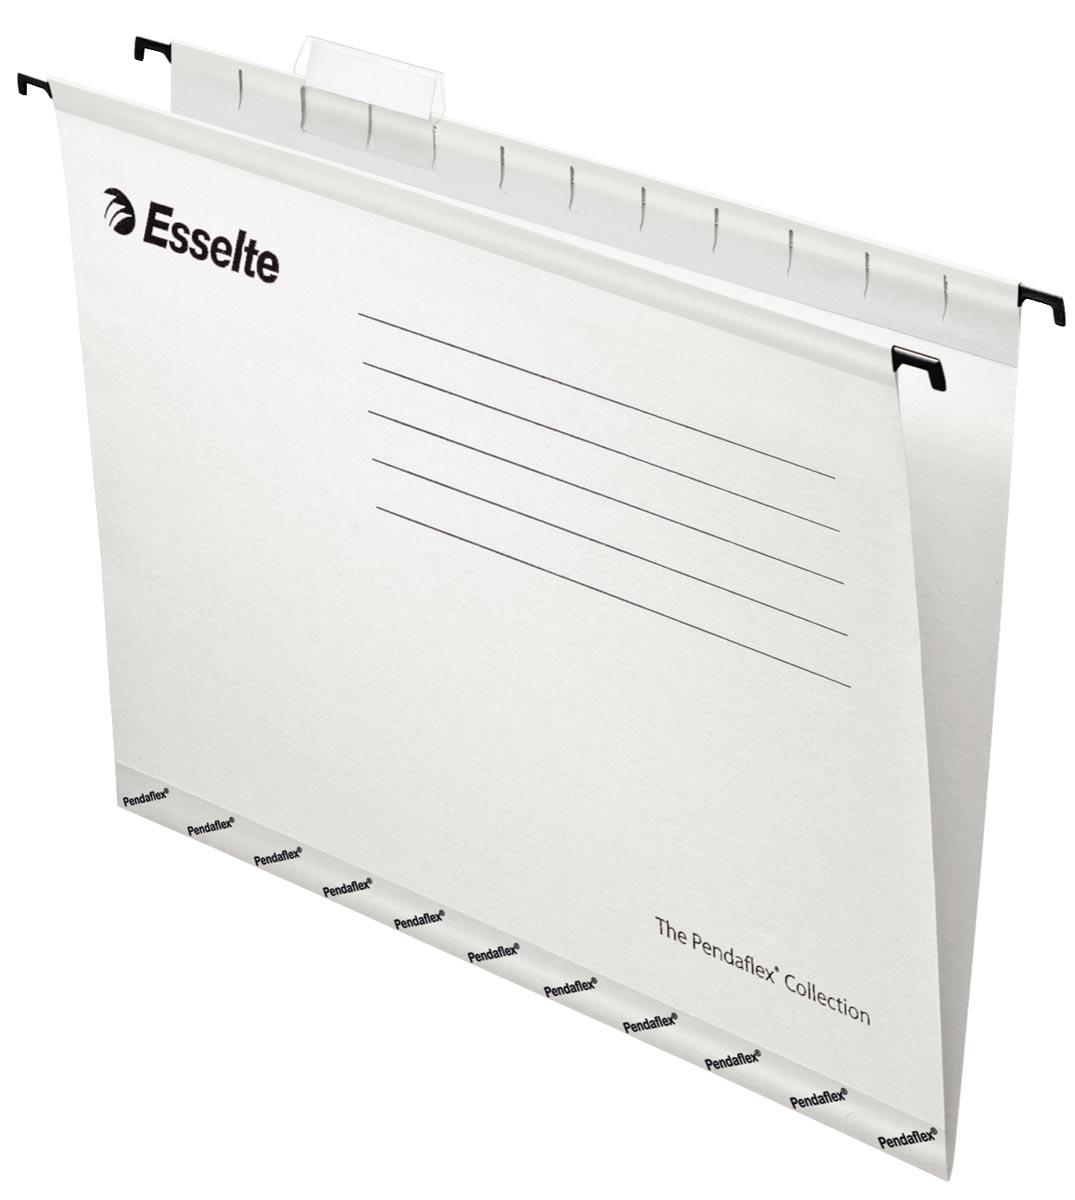 Esselte hangmappen voor laden Pendaflex Plus tussenafstand 330 mm, wit, doos van 25 stuks